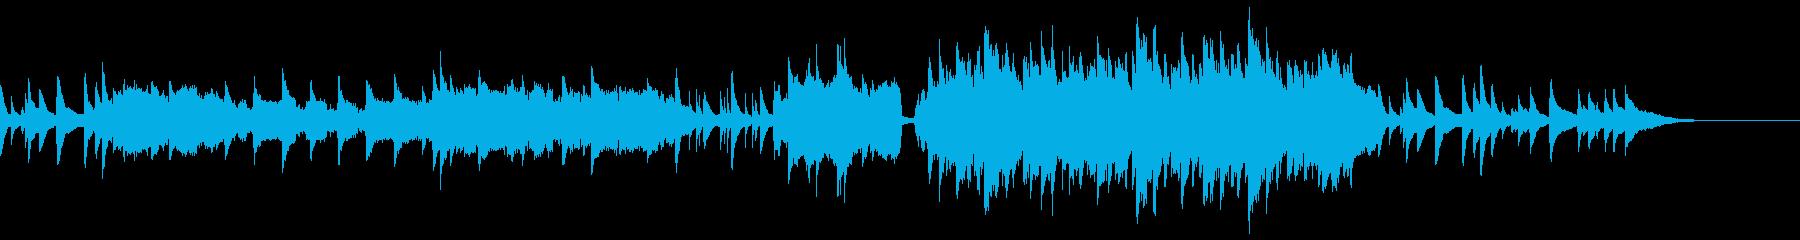 ピアノとストリングスの感動的バラードの再生済みの波形